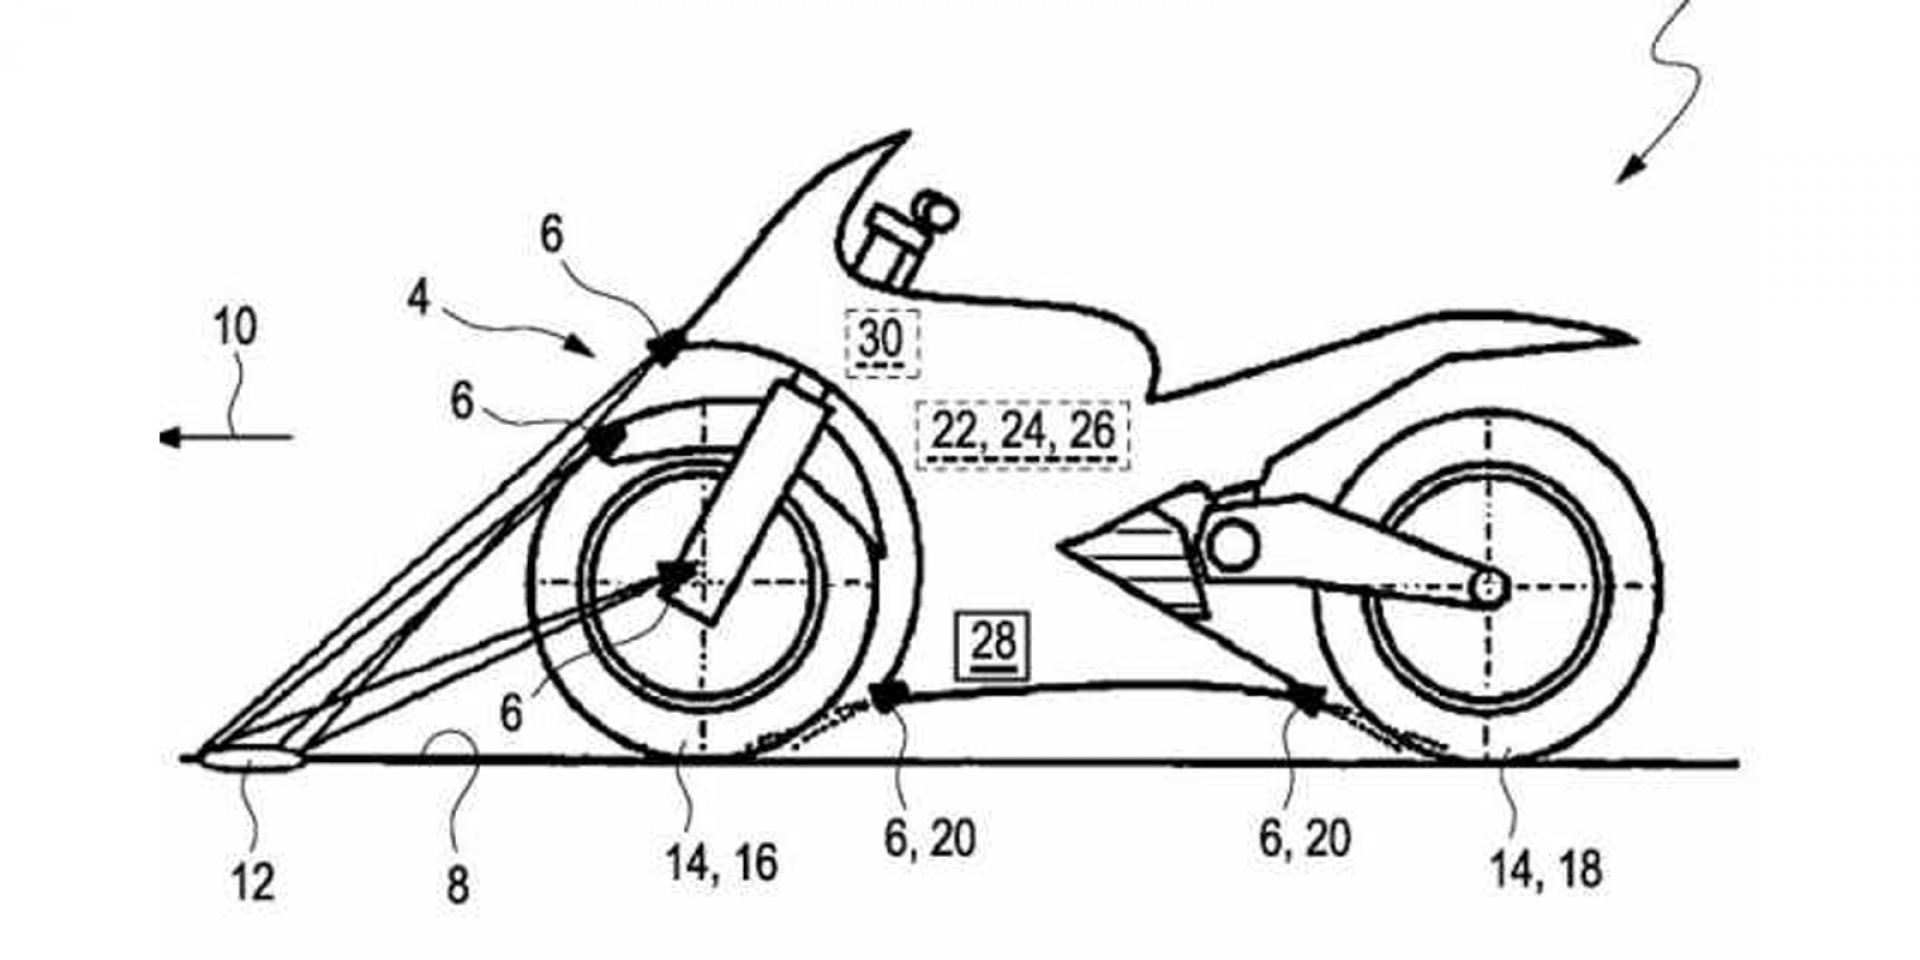 提前偵測預防事故!BMW開發自適應循跡控制系統,專利文件曝光